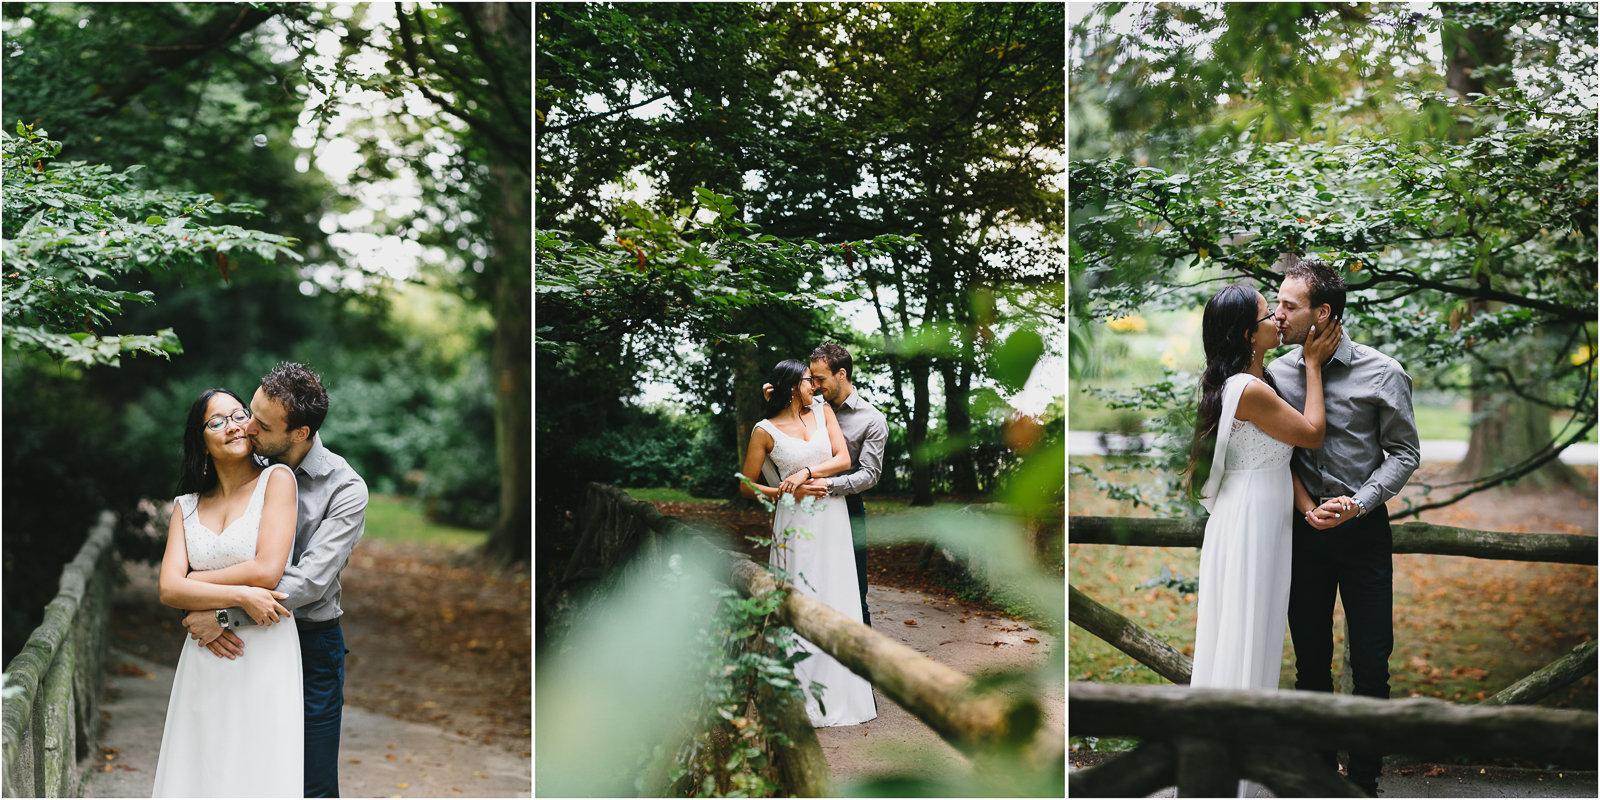 Photographe mariage la baule (2 of 12).jpg